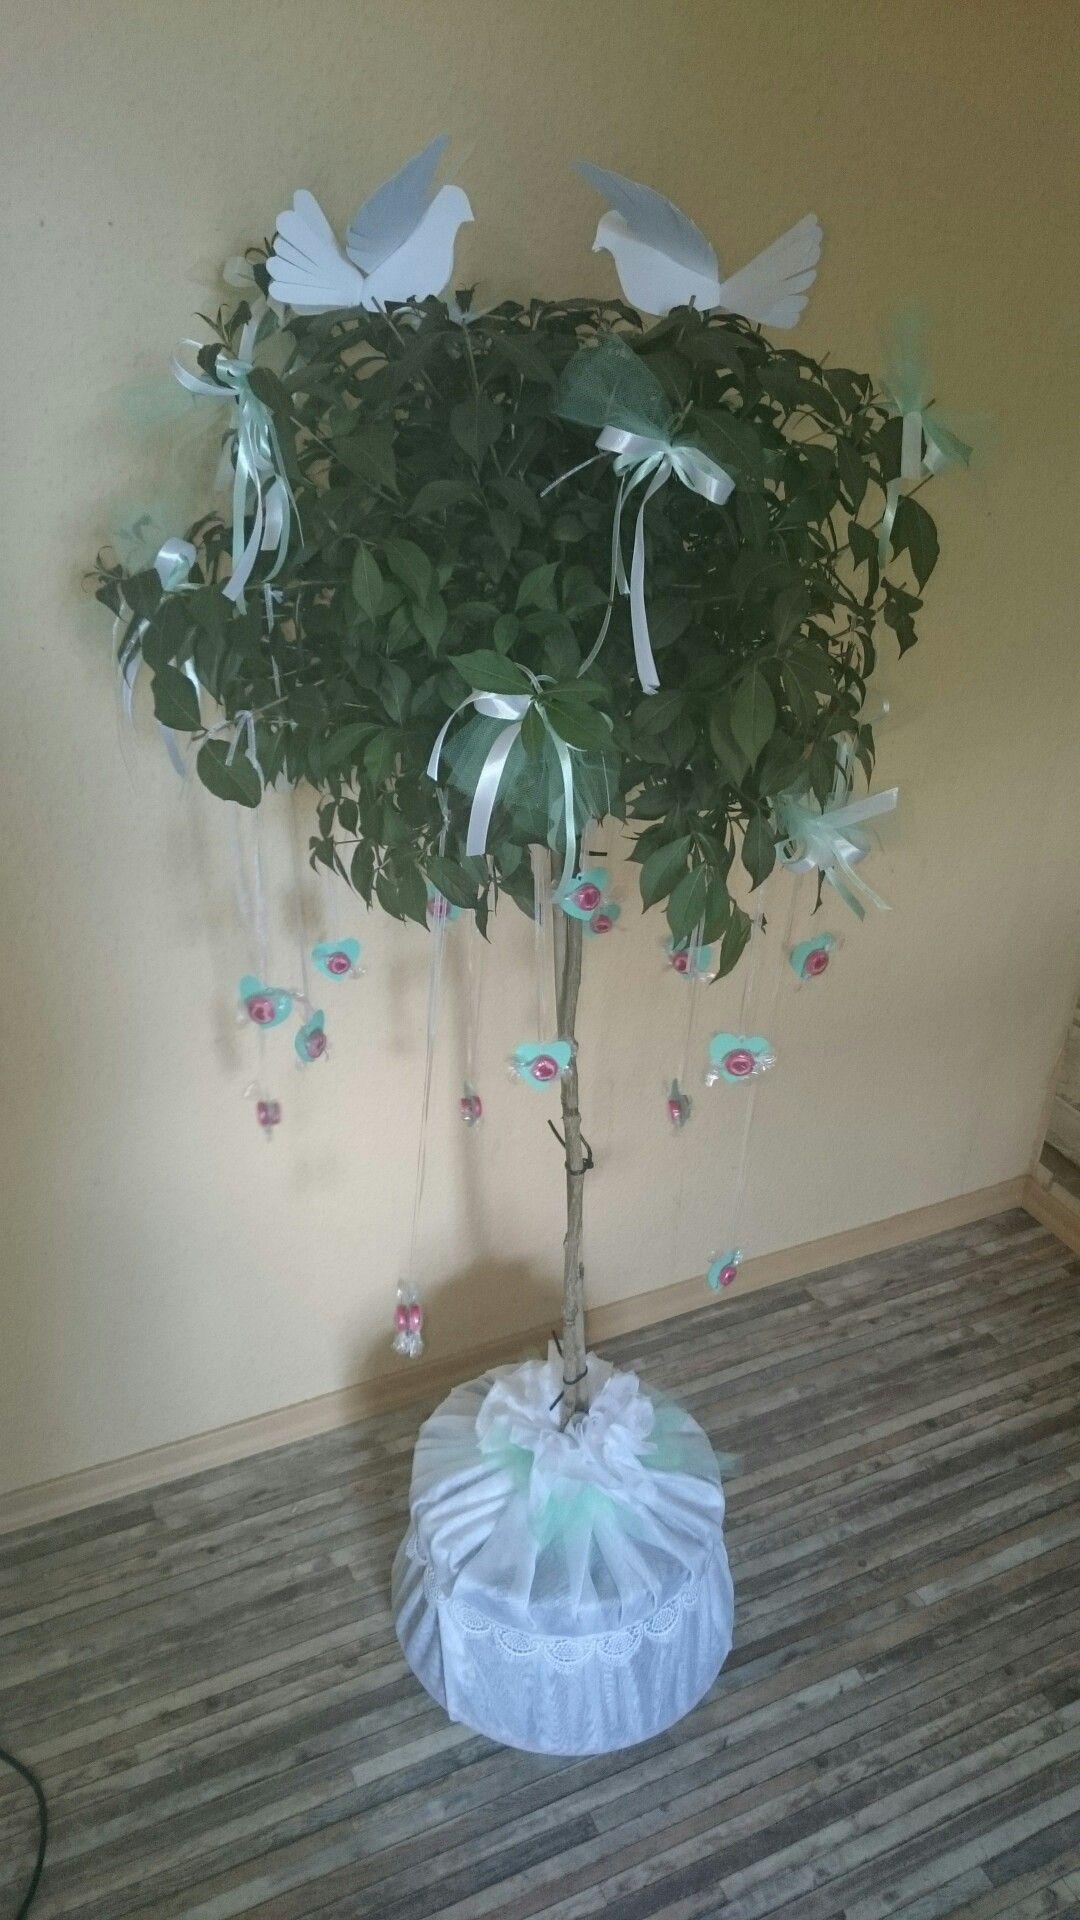 Hochzeit Baum deko Herz liebe schleifen Tauben papier